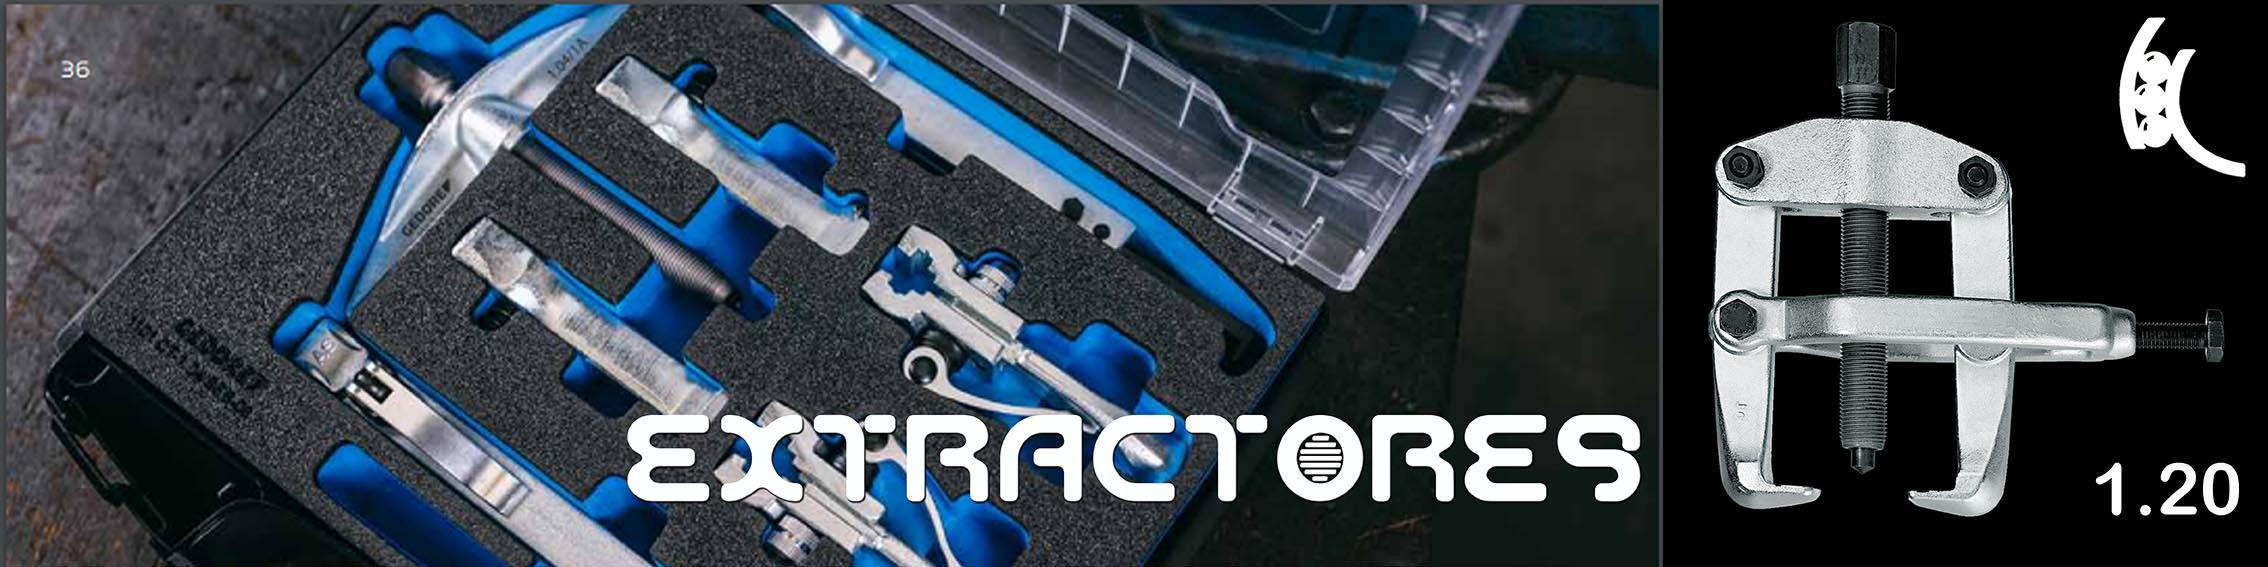 1 20 extractores 2.jpg